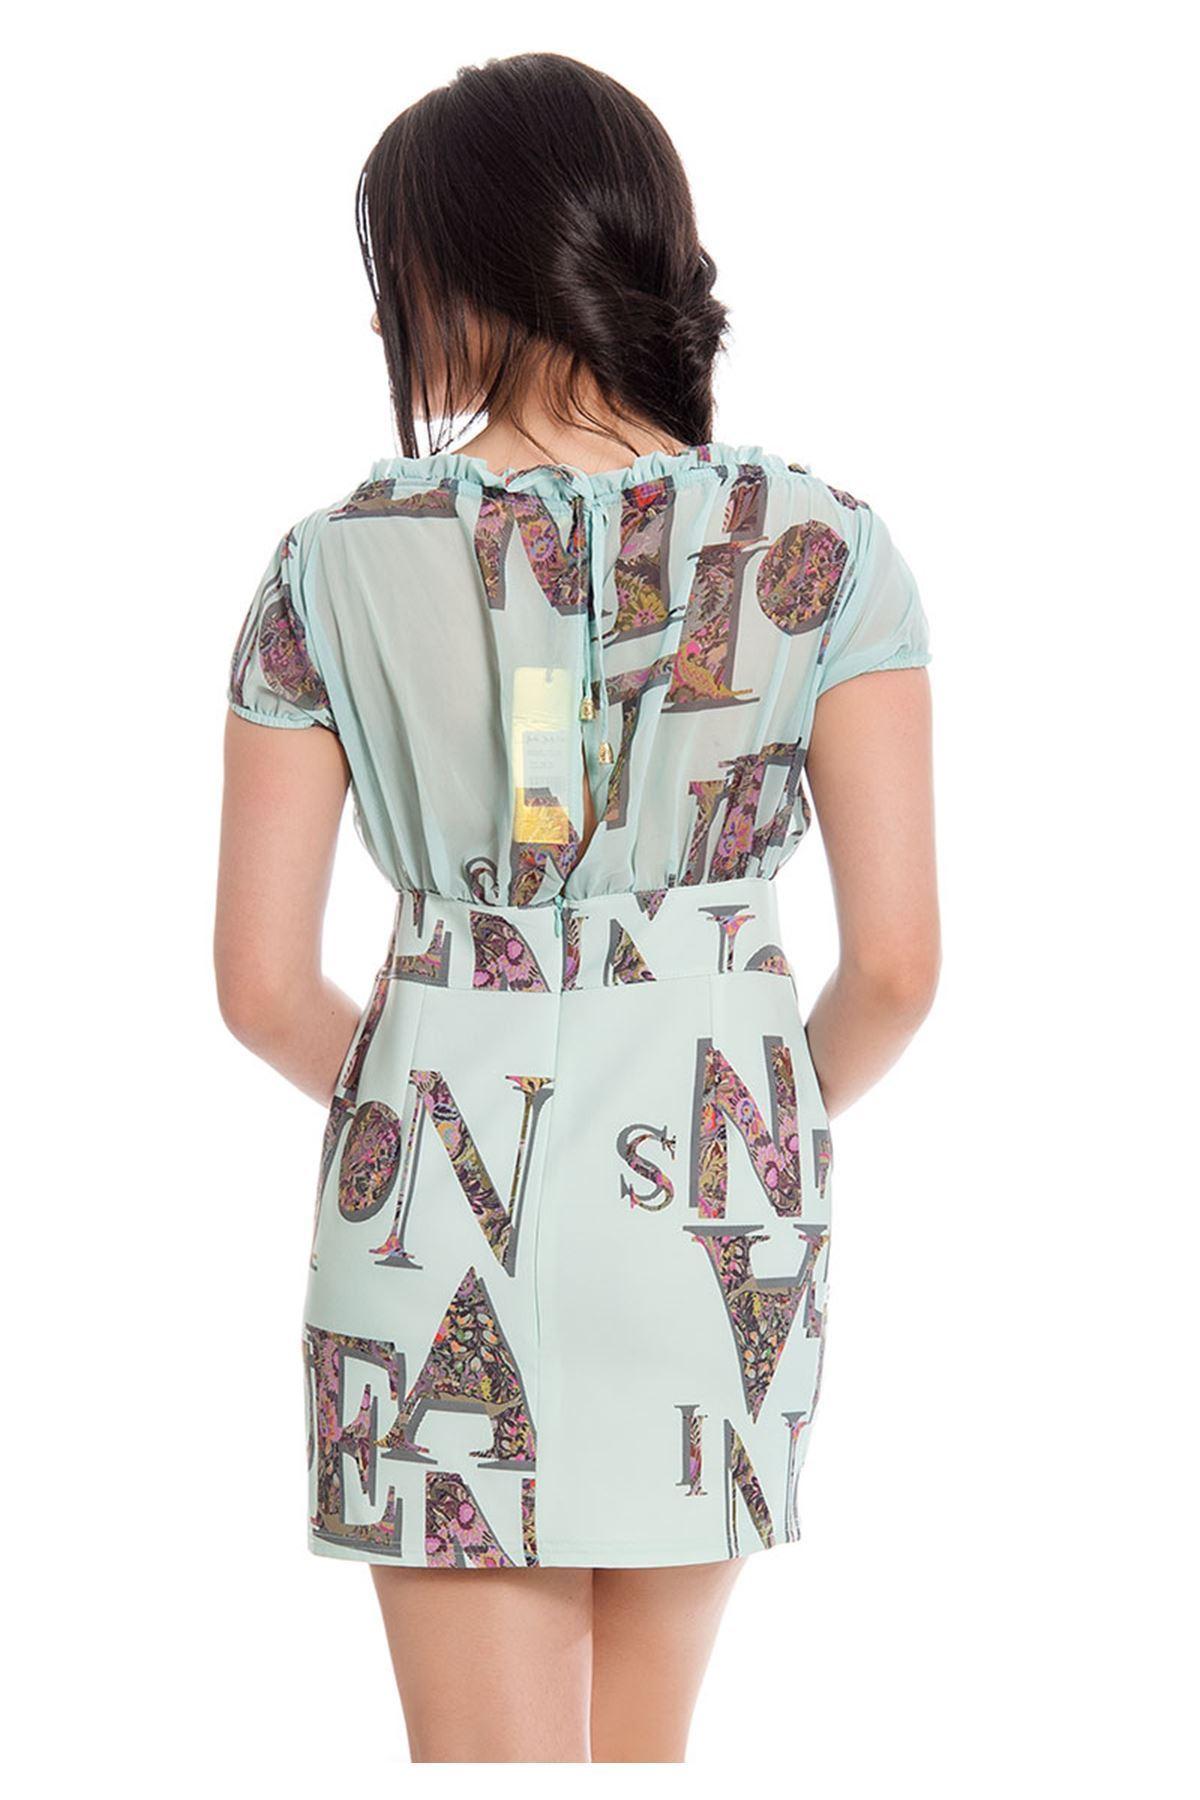 Mint Yeşil Desenli Kadın Elbise F11-130098